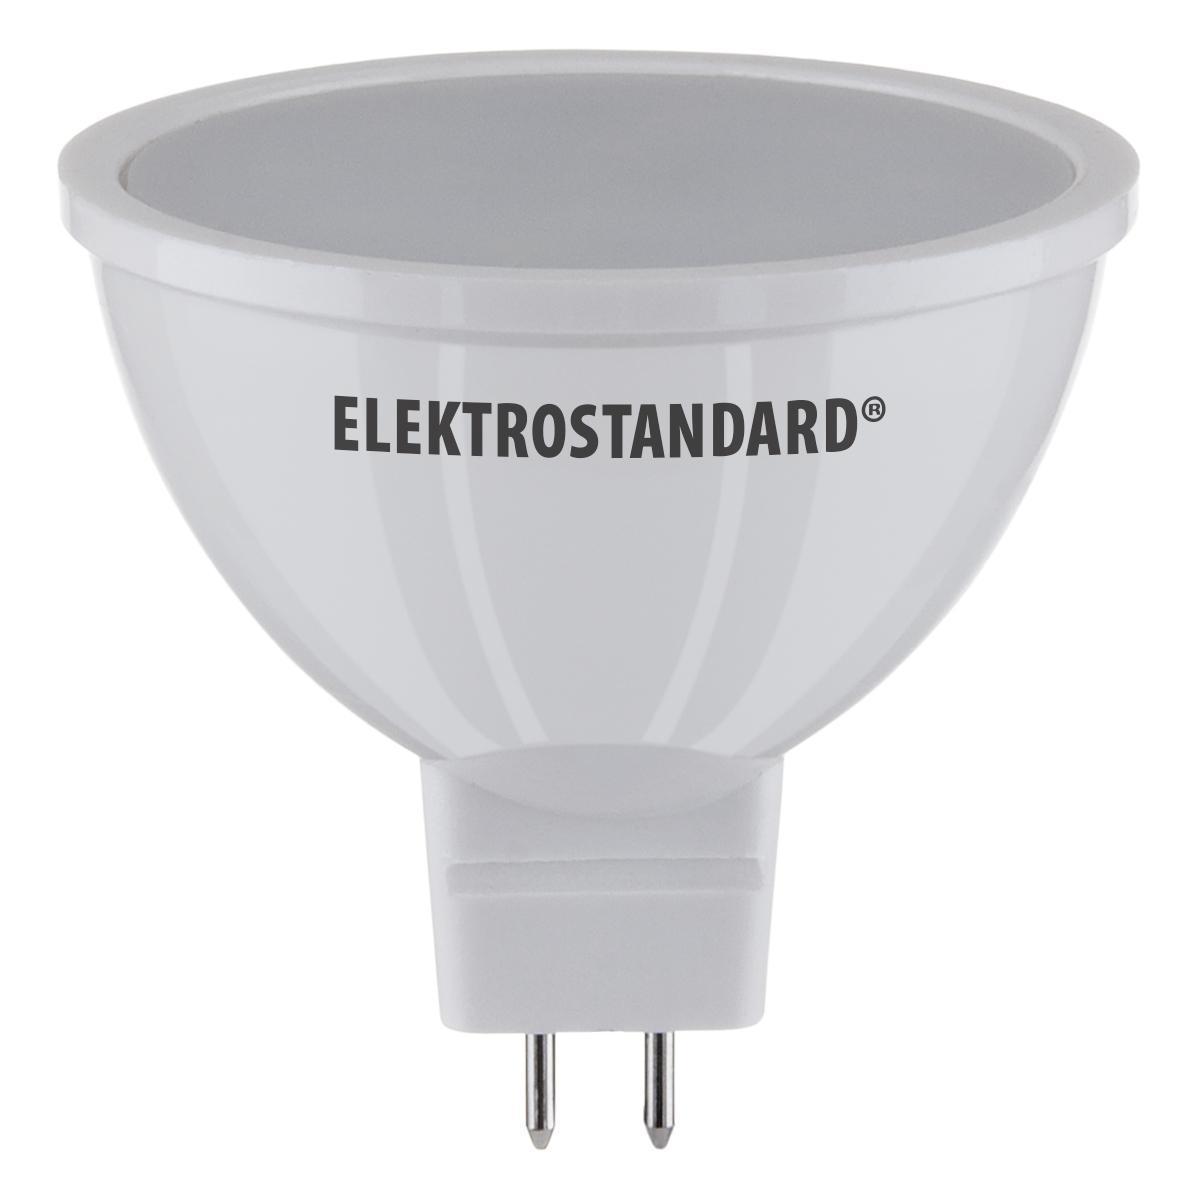 Лампа светодиодная G5.3 7W 3300K матовая 4690389081651 elektrostandard лампа светодиодная e14 7w 3300k шар матовый mini 4690389061622